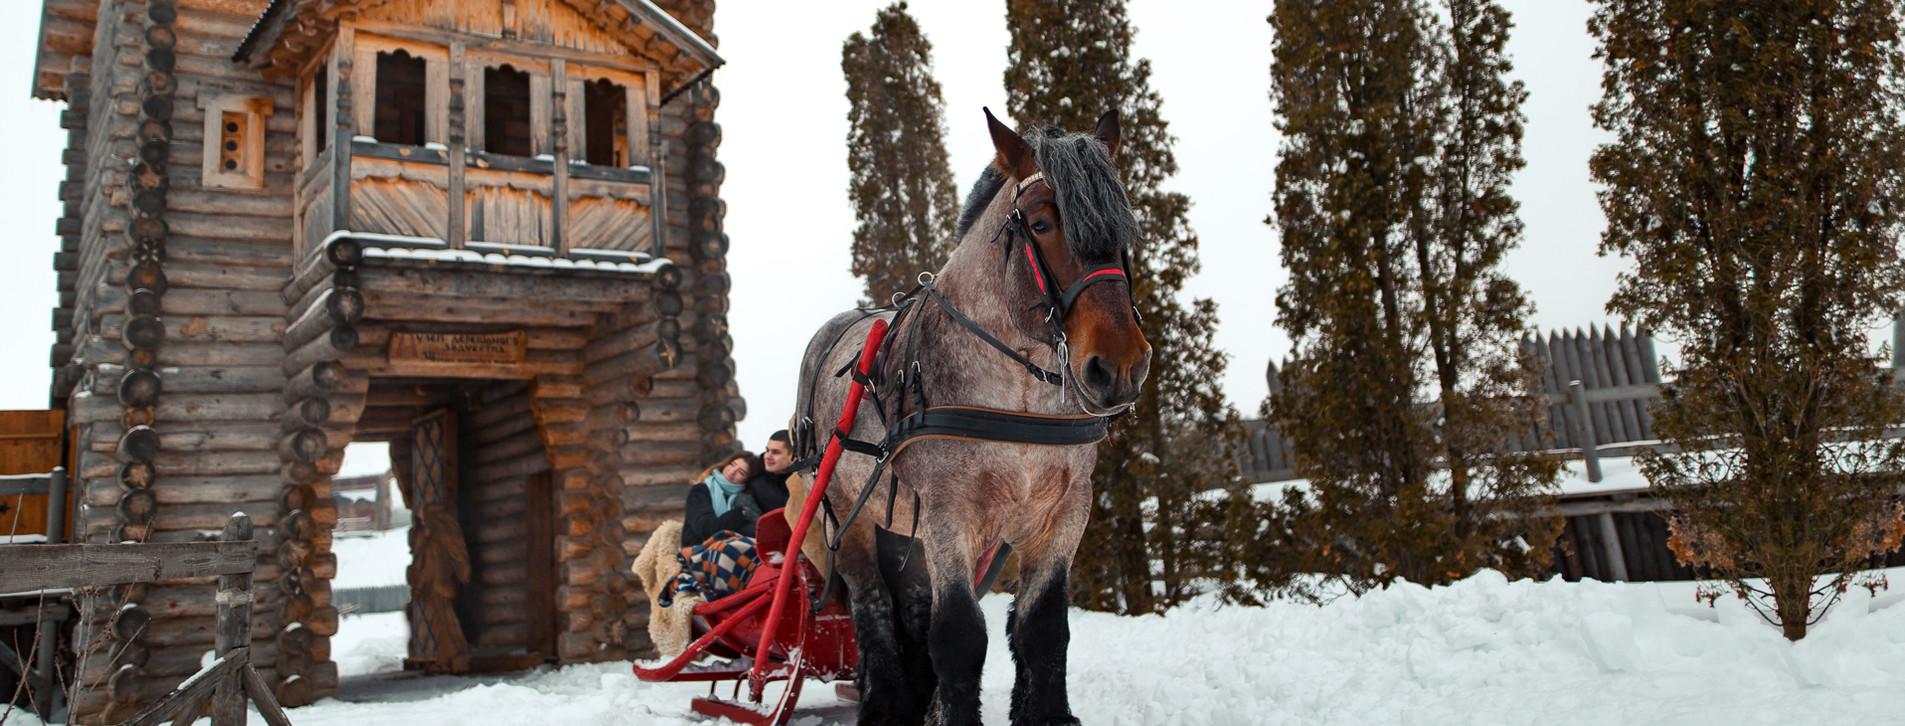 Фото 1 - Зимняя прогулка на санях